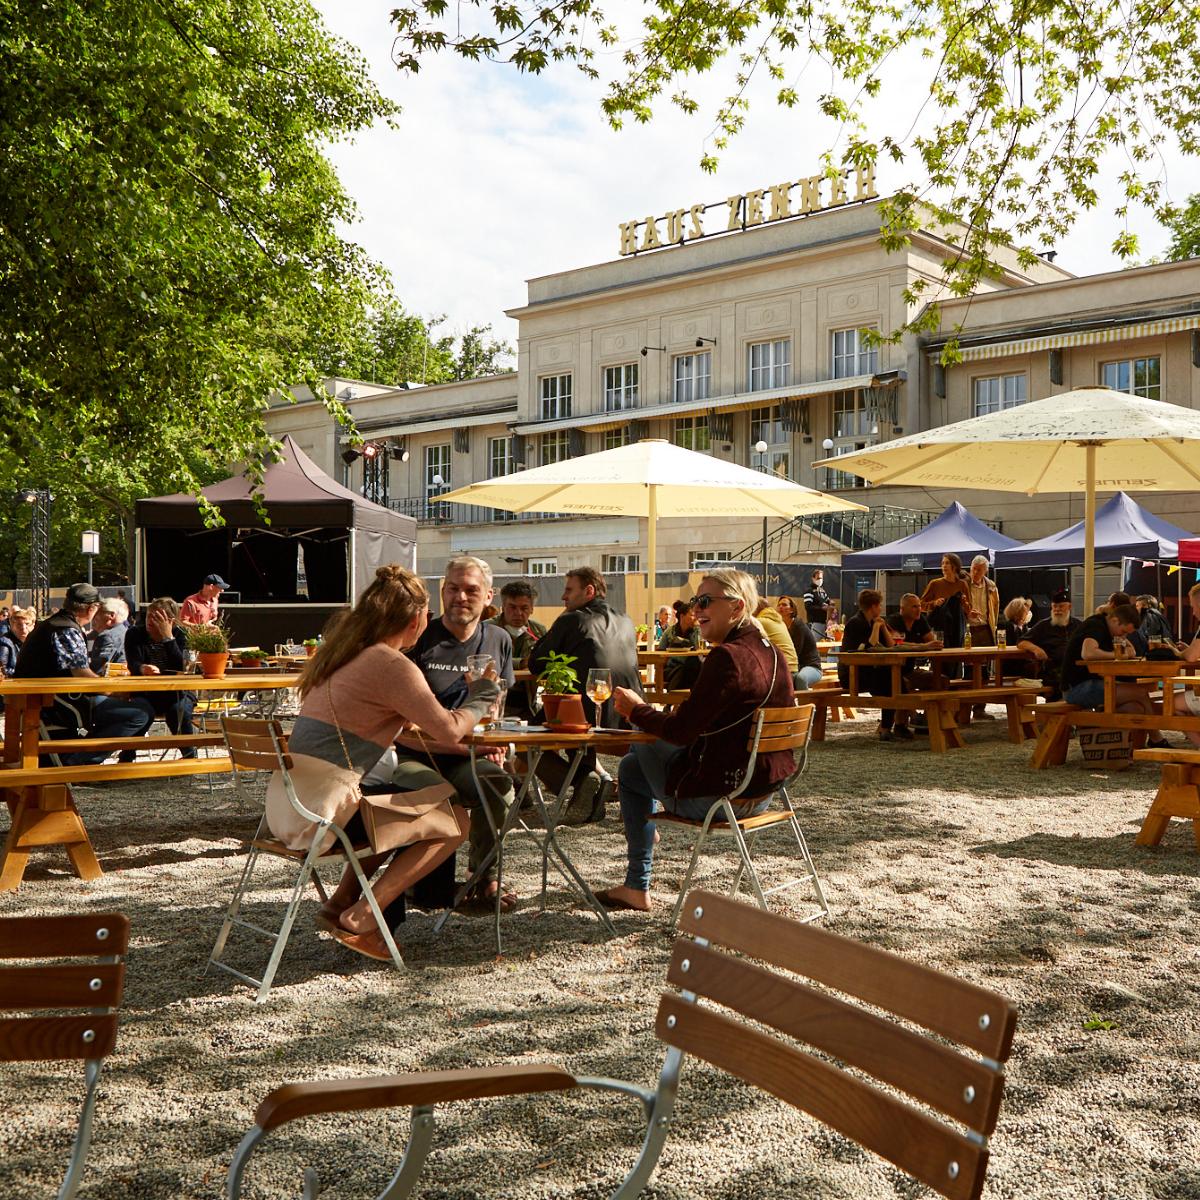 Bier- und Weingarten by Janek Grahmann (22)